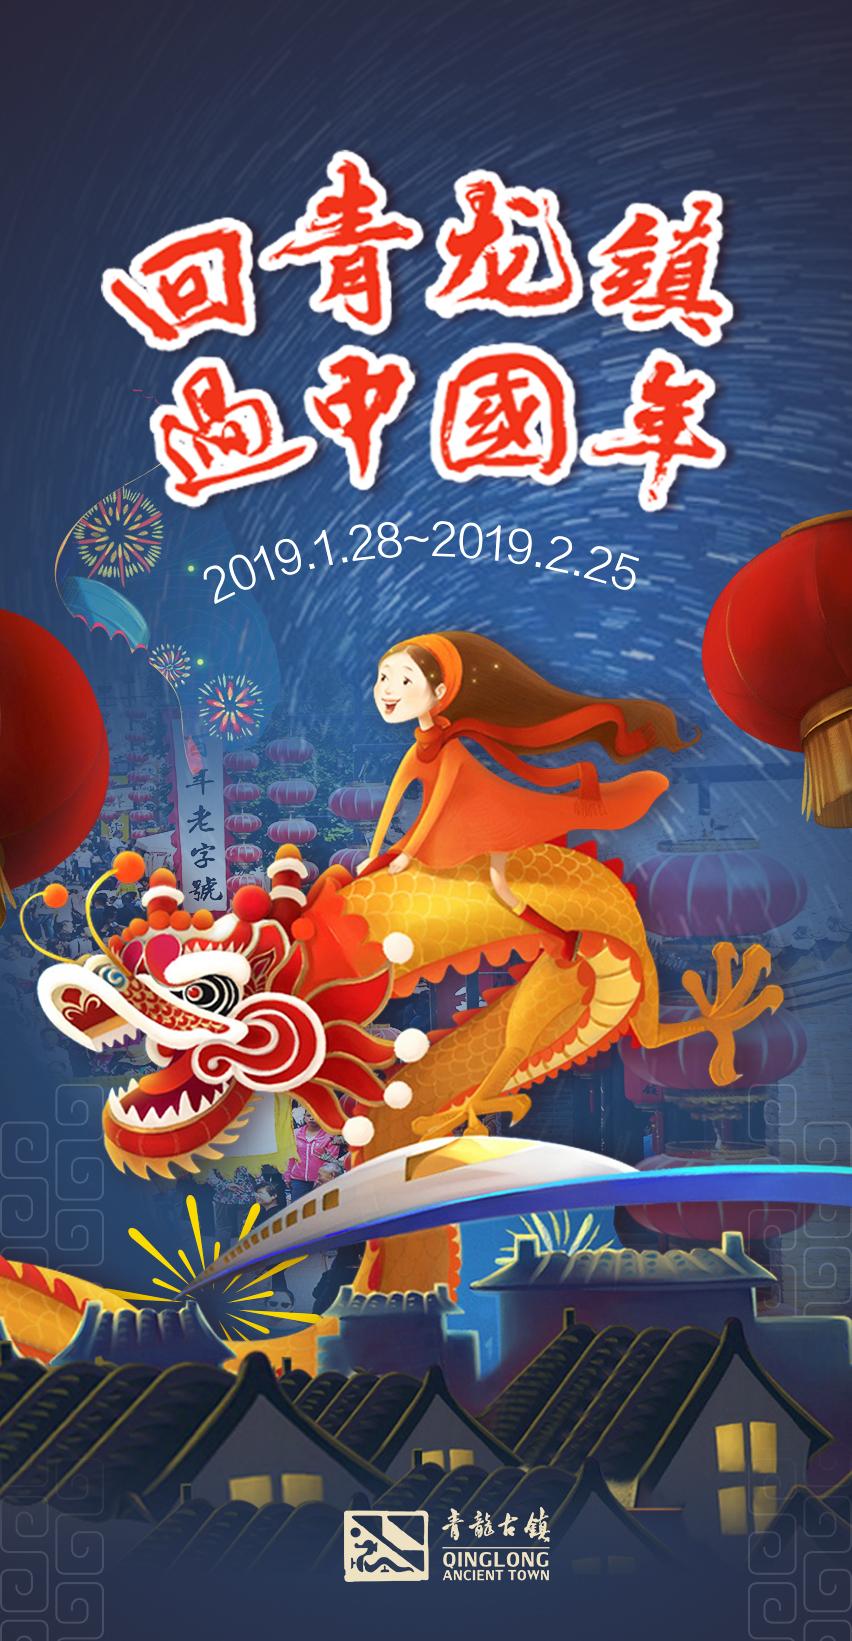 """""""回青龙镇·过中国年""""2019年春节活动推广"""